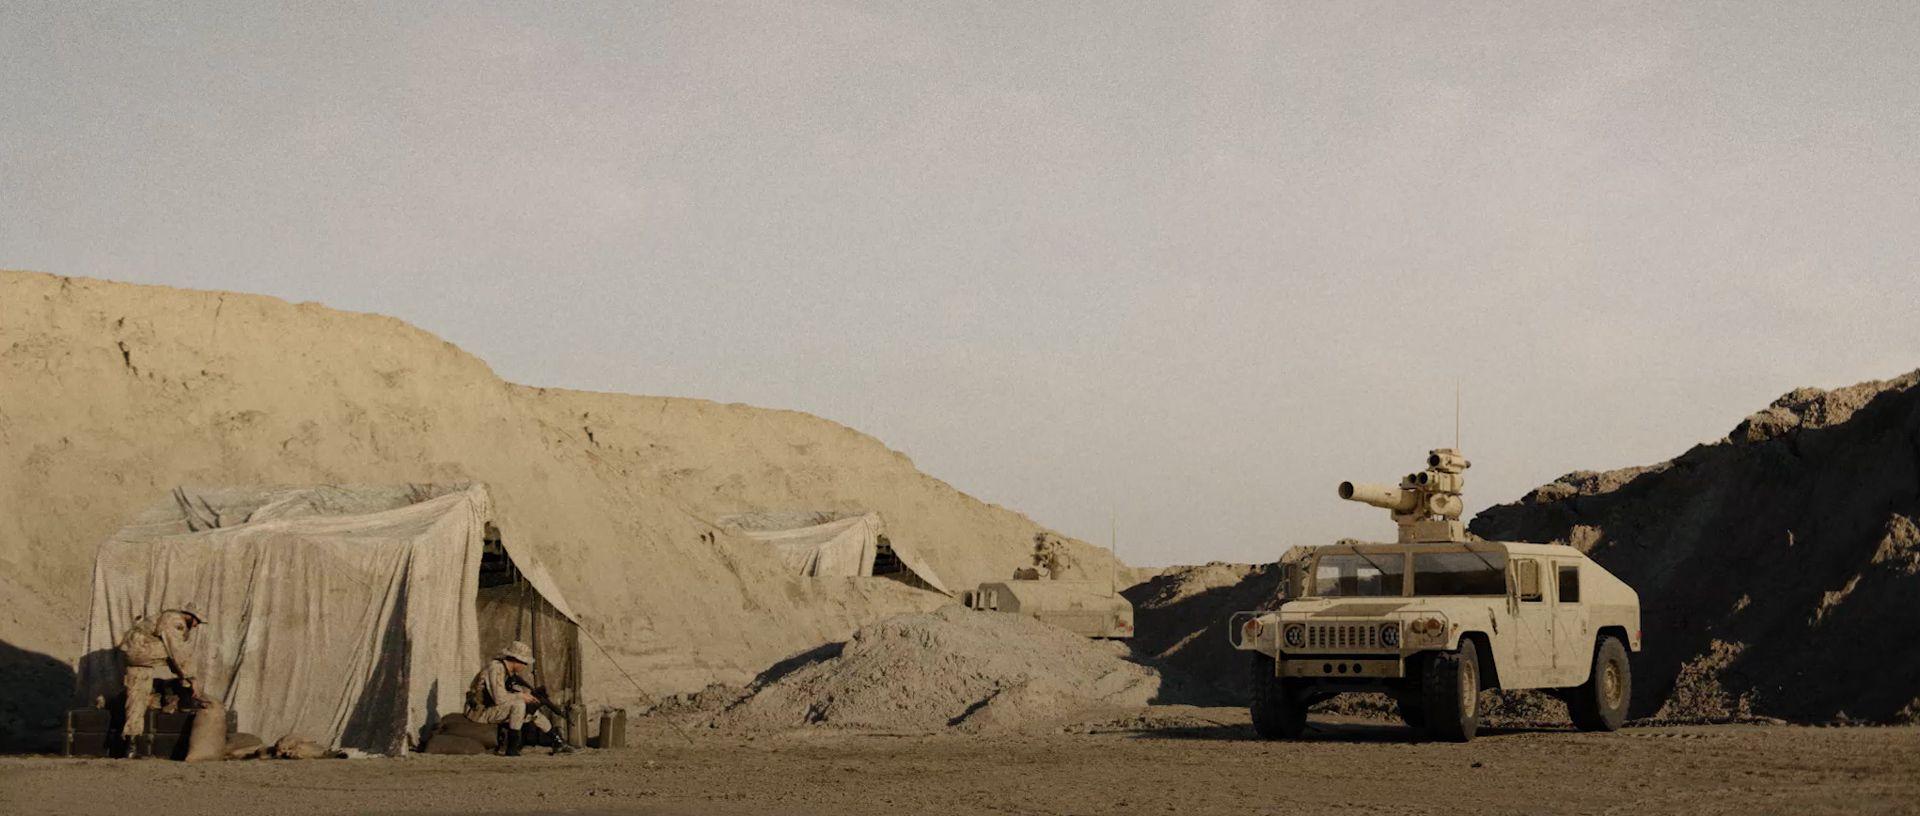 Camion et tente paysage désertique base militaire